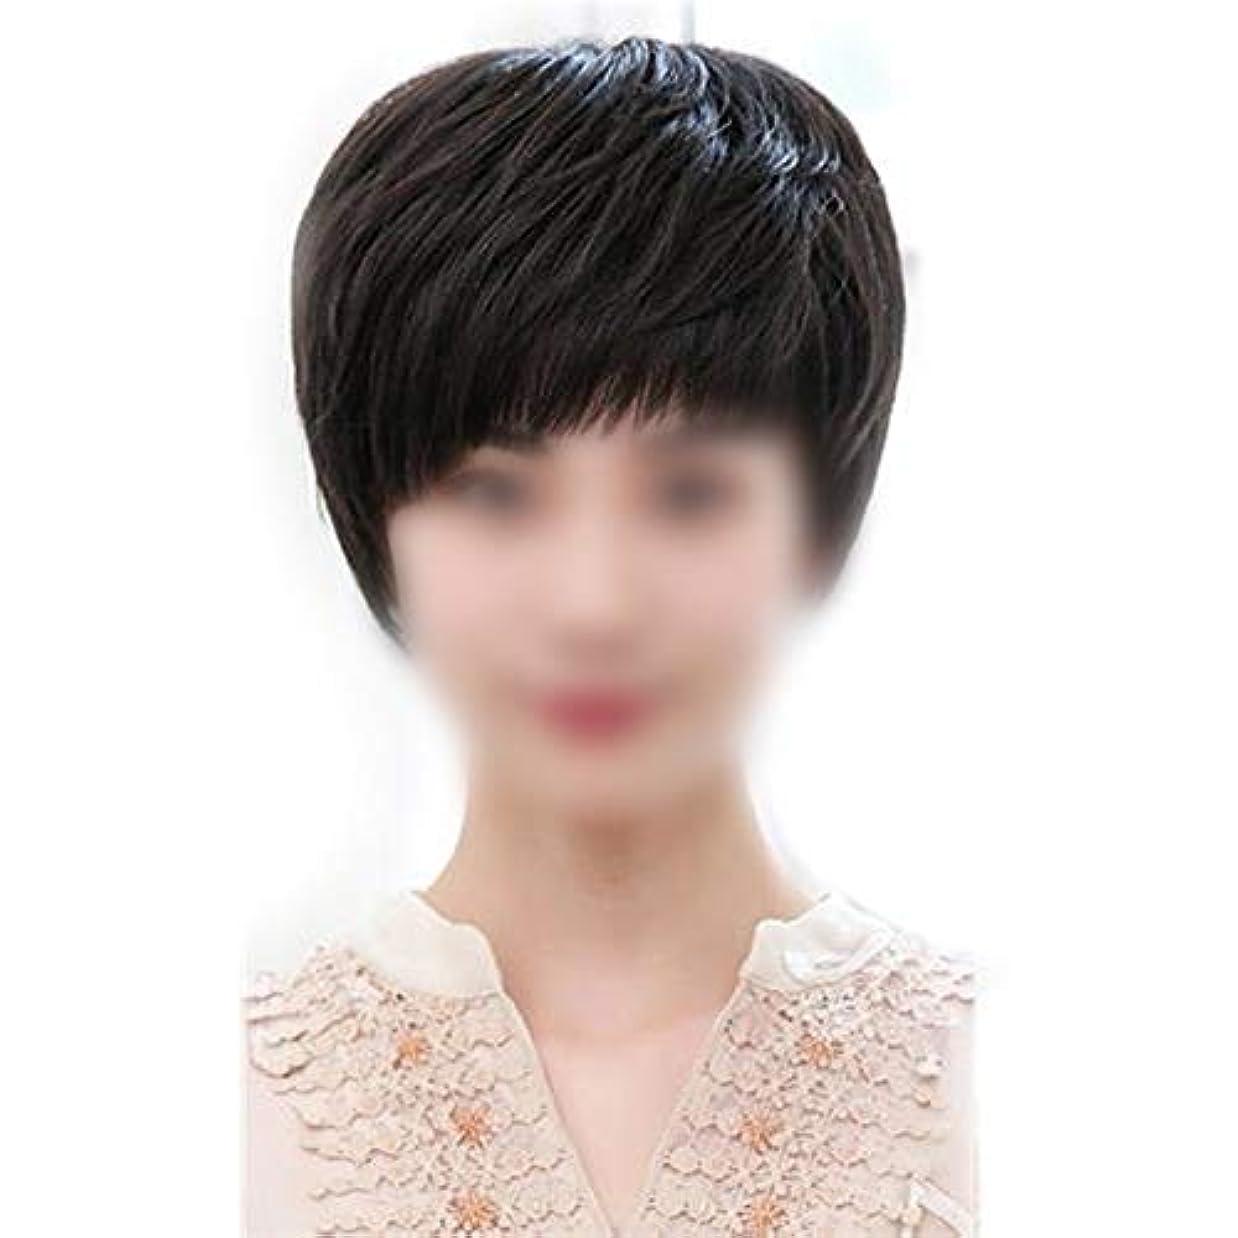 真実森定数YOUQIU 中年ウィッグ女性の自然な手織りの実髪ショートカーリーヘアウィッグ (色 : Natural black)